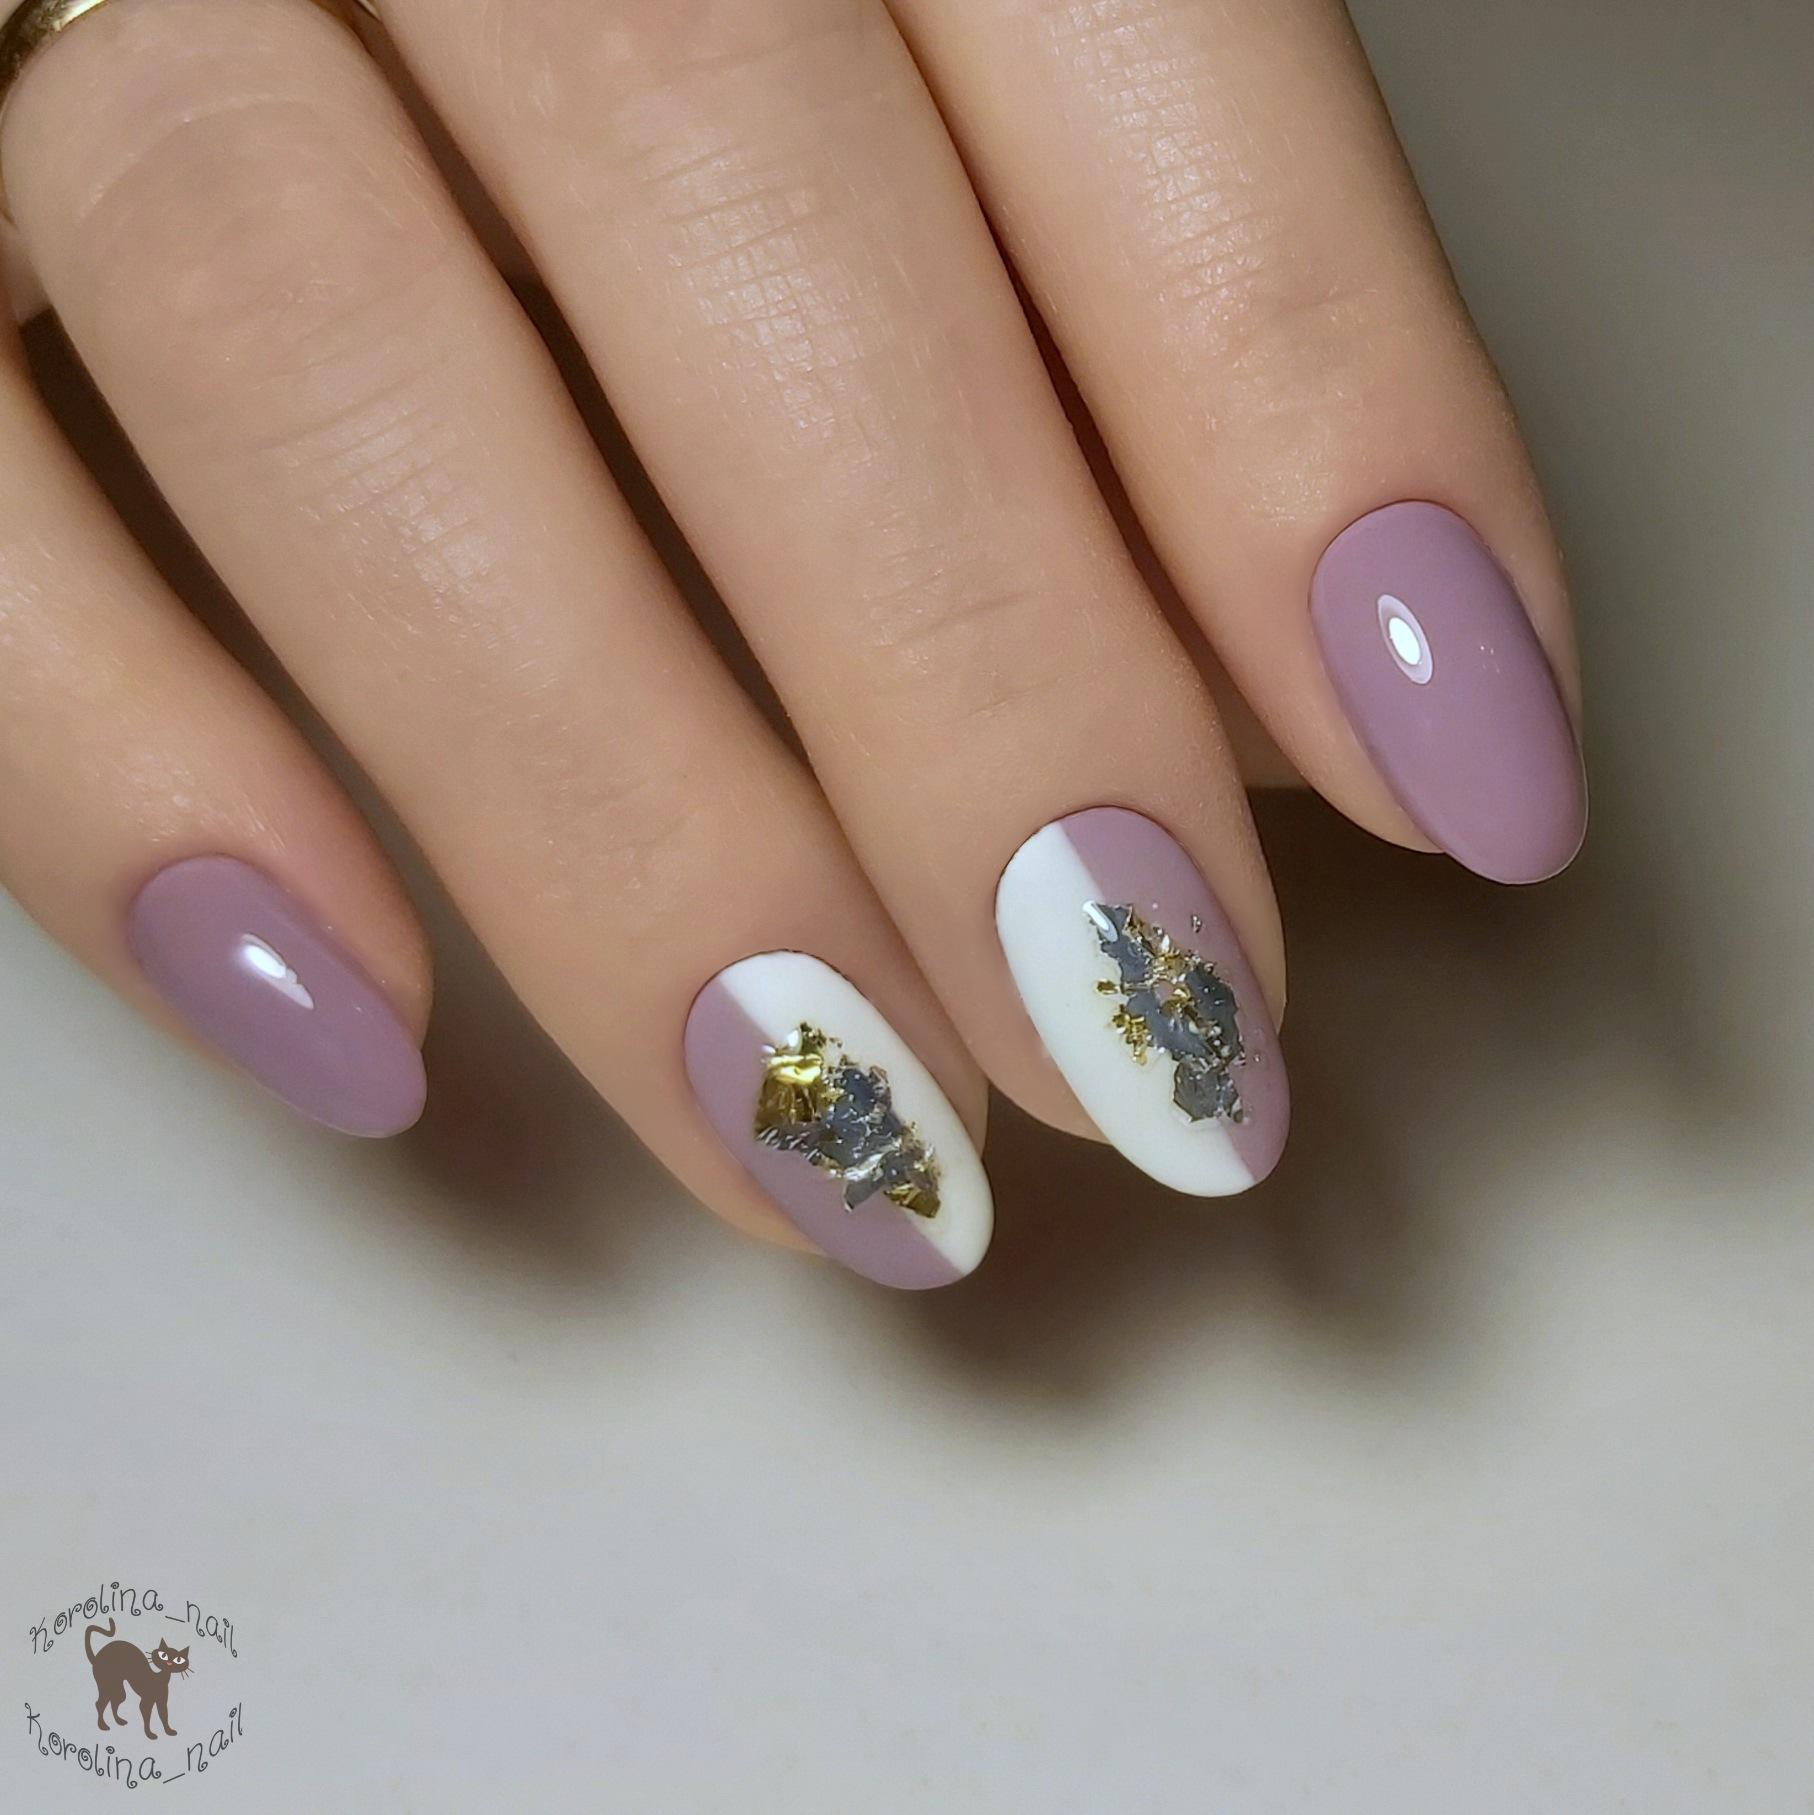 Маникюр с фольгой в сиреневом цвете на короткие ногти.